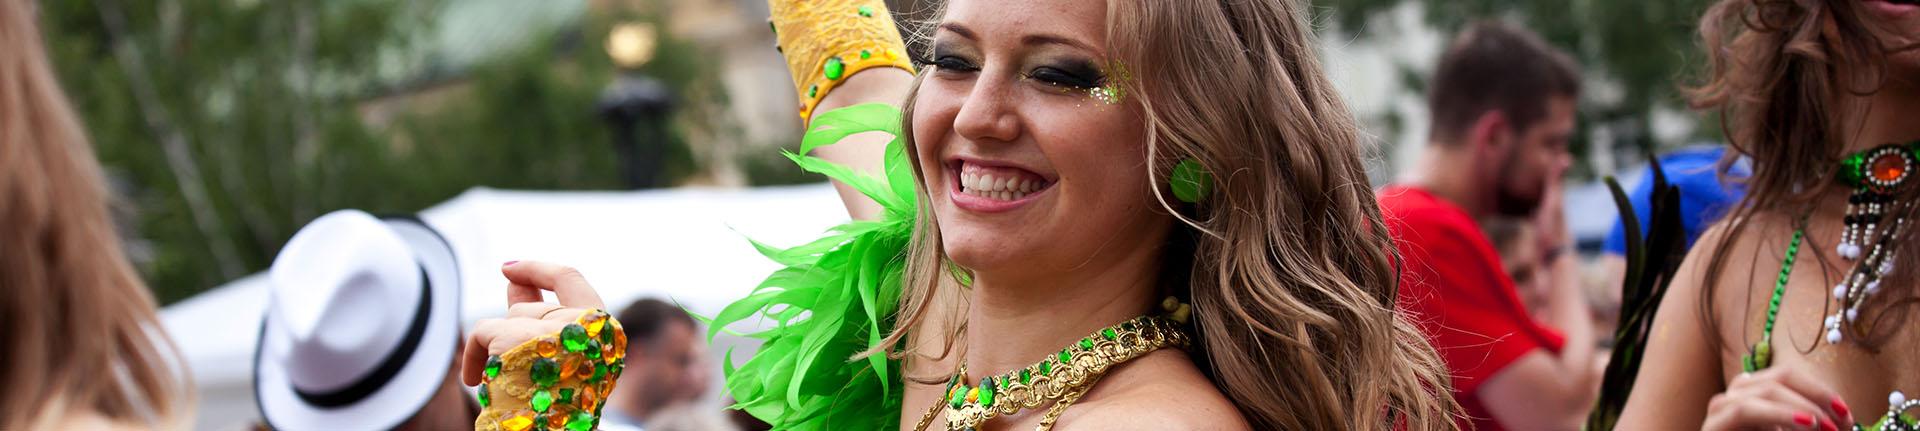 Fantasias de carnaval fáceis de improvisar